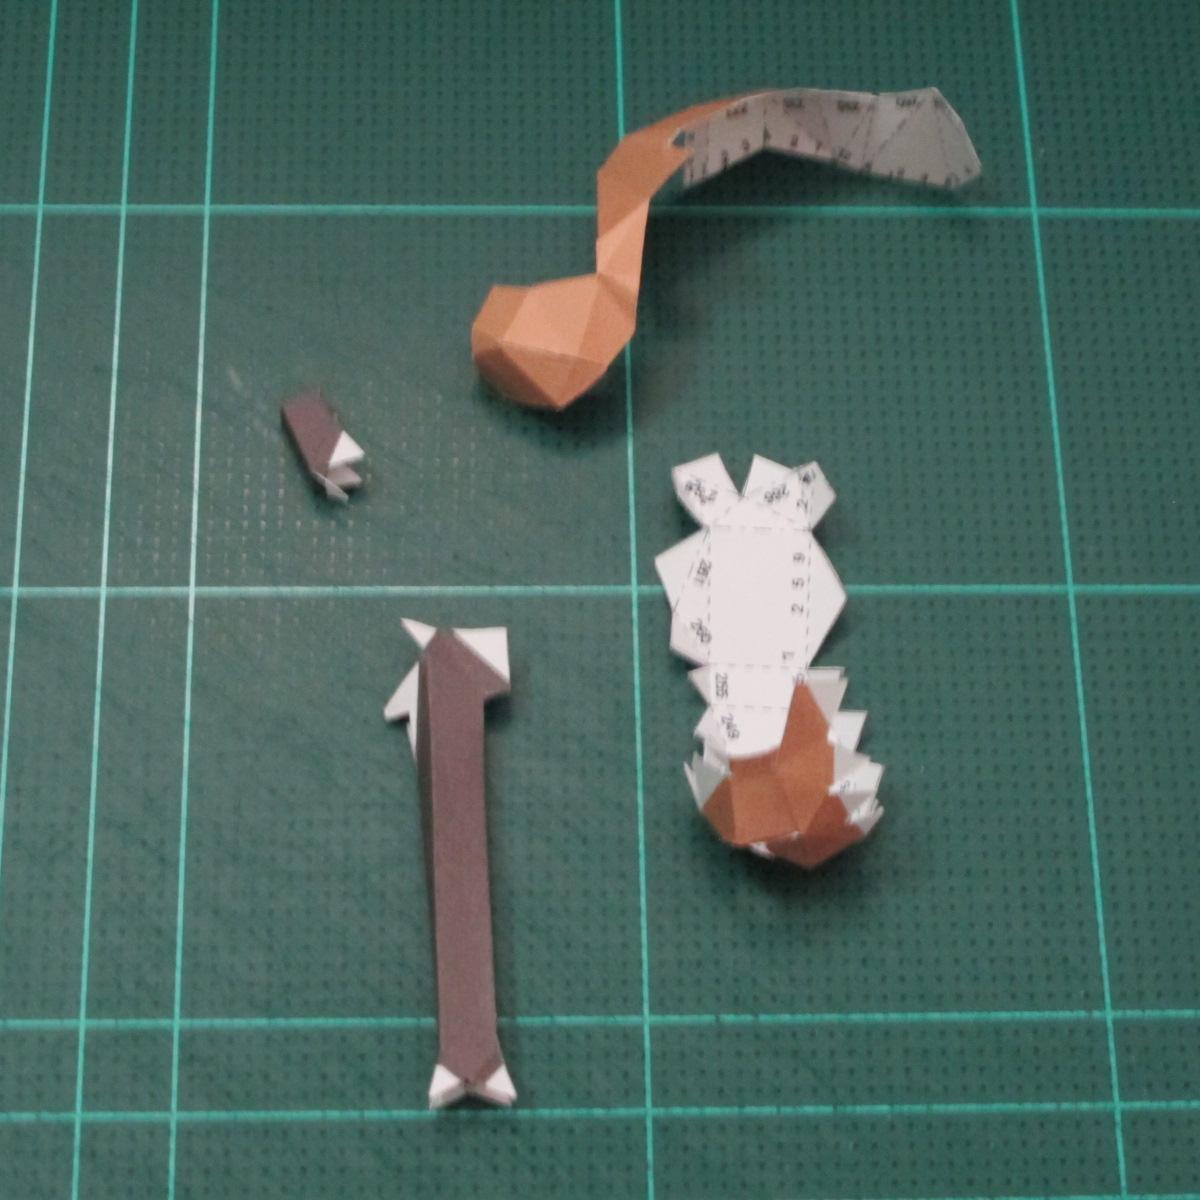 วิธีทำโมเดลกระดาษคุกกี้รสคุกกี้แอนด์ครีม  (Cookie Run Cream Cookie Papercraft Model) 014